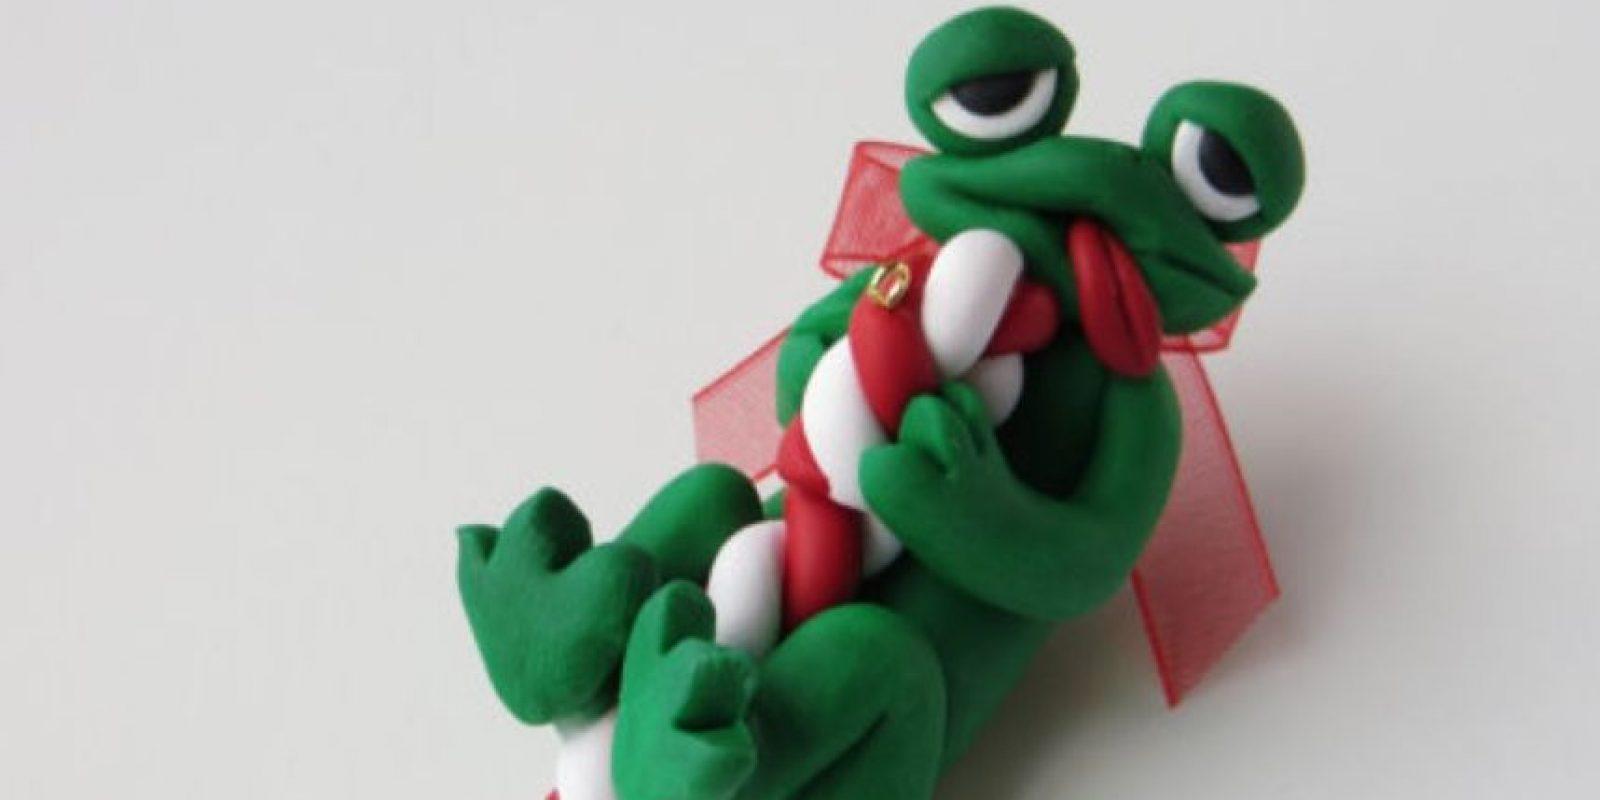 ¿Qué tiene ese bastón de Navidad? Foto:Etsy